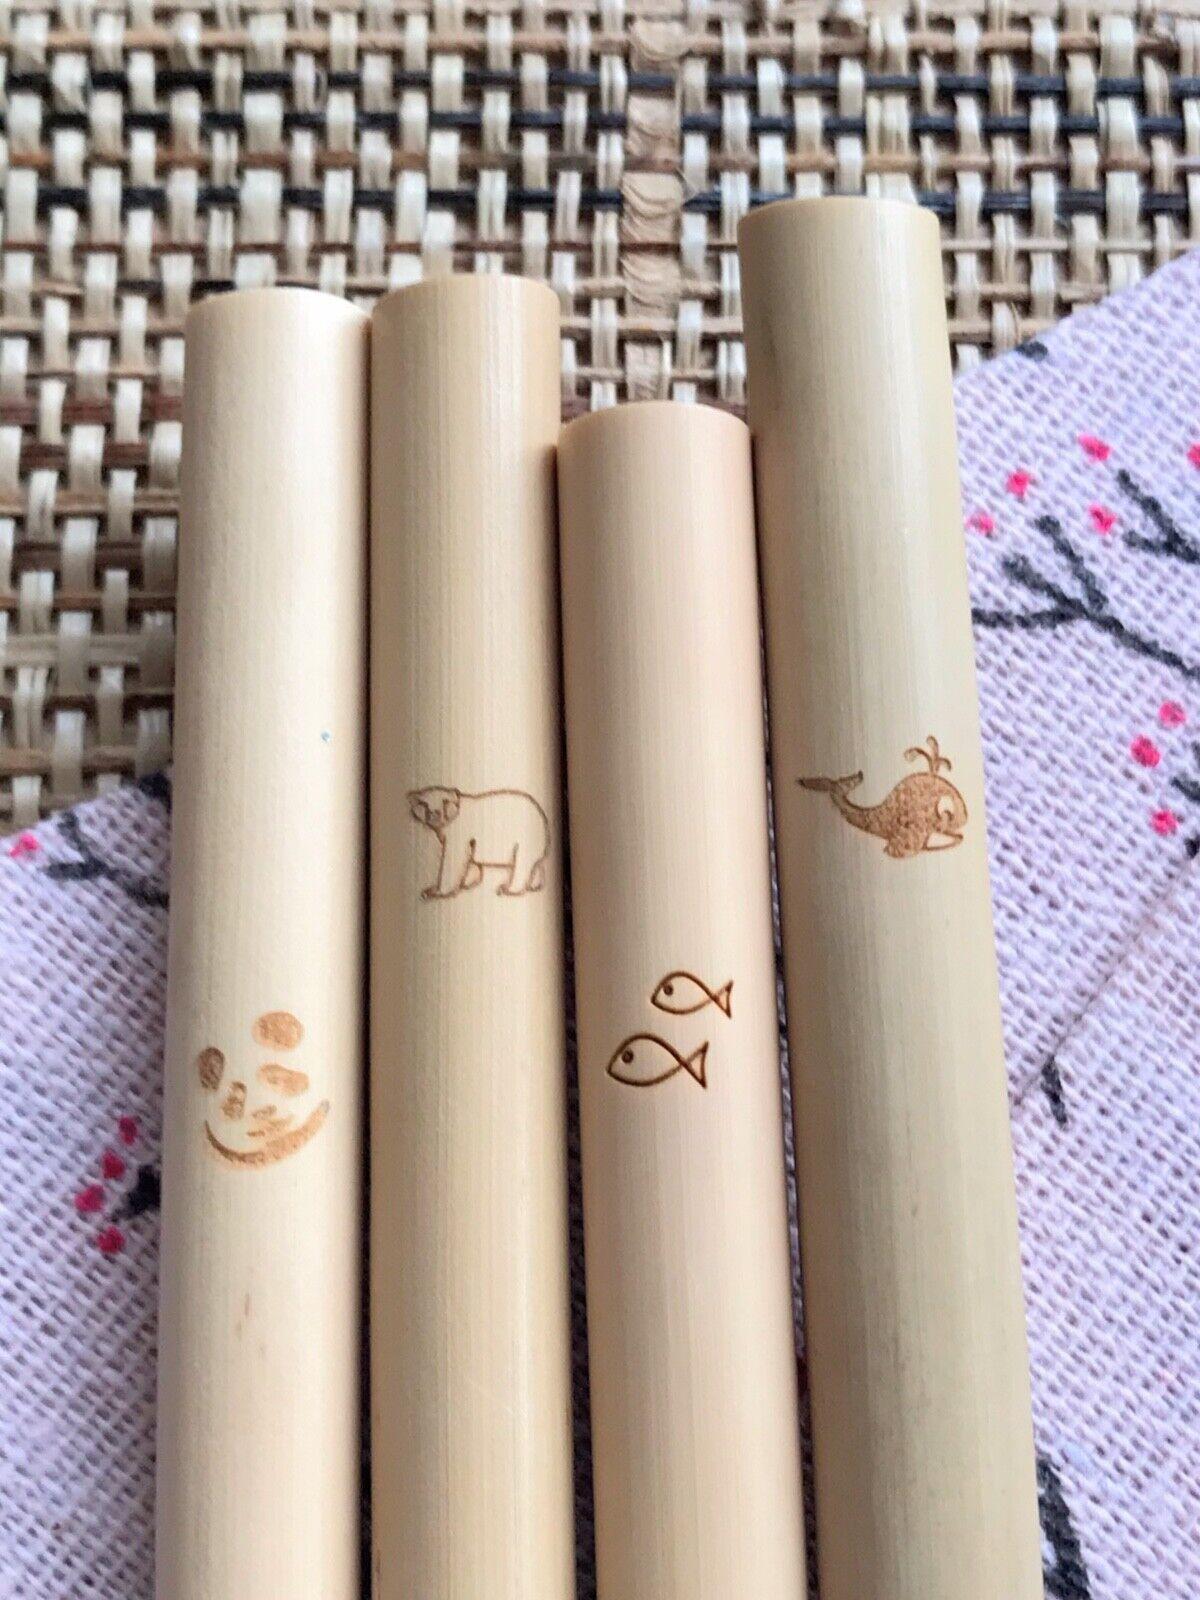 50 Bambou réutilisables pailles - 20% Fait Don à une Oeuvre Caritative